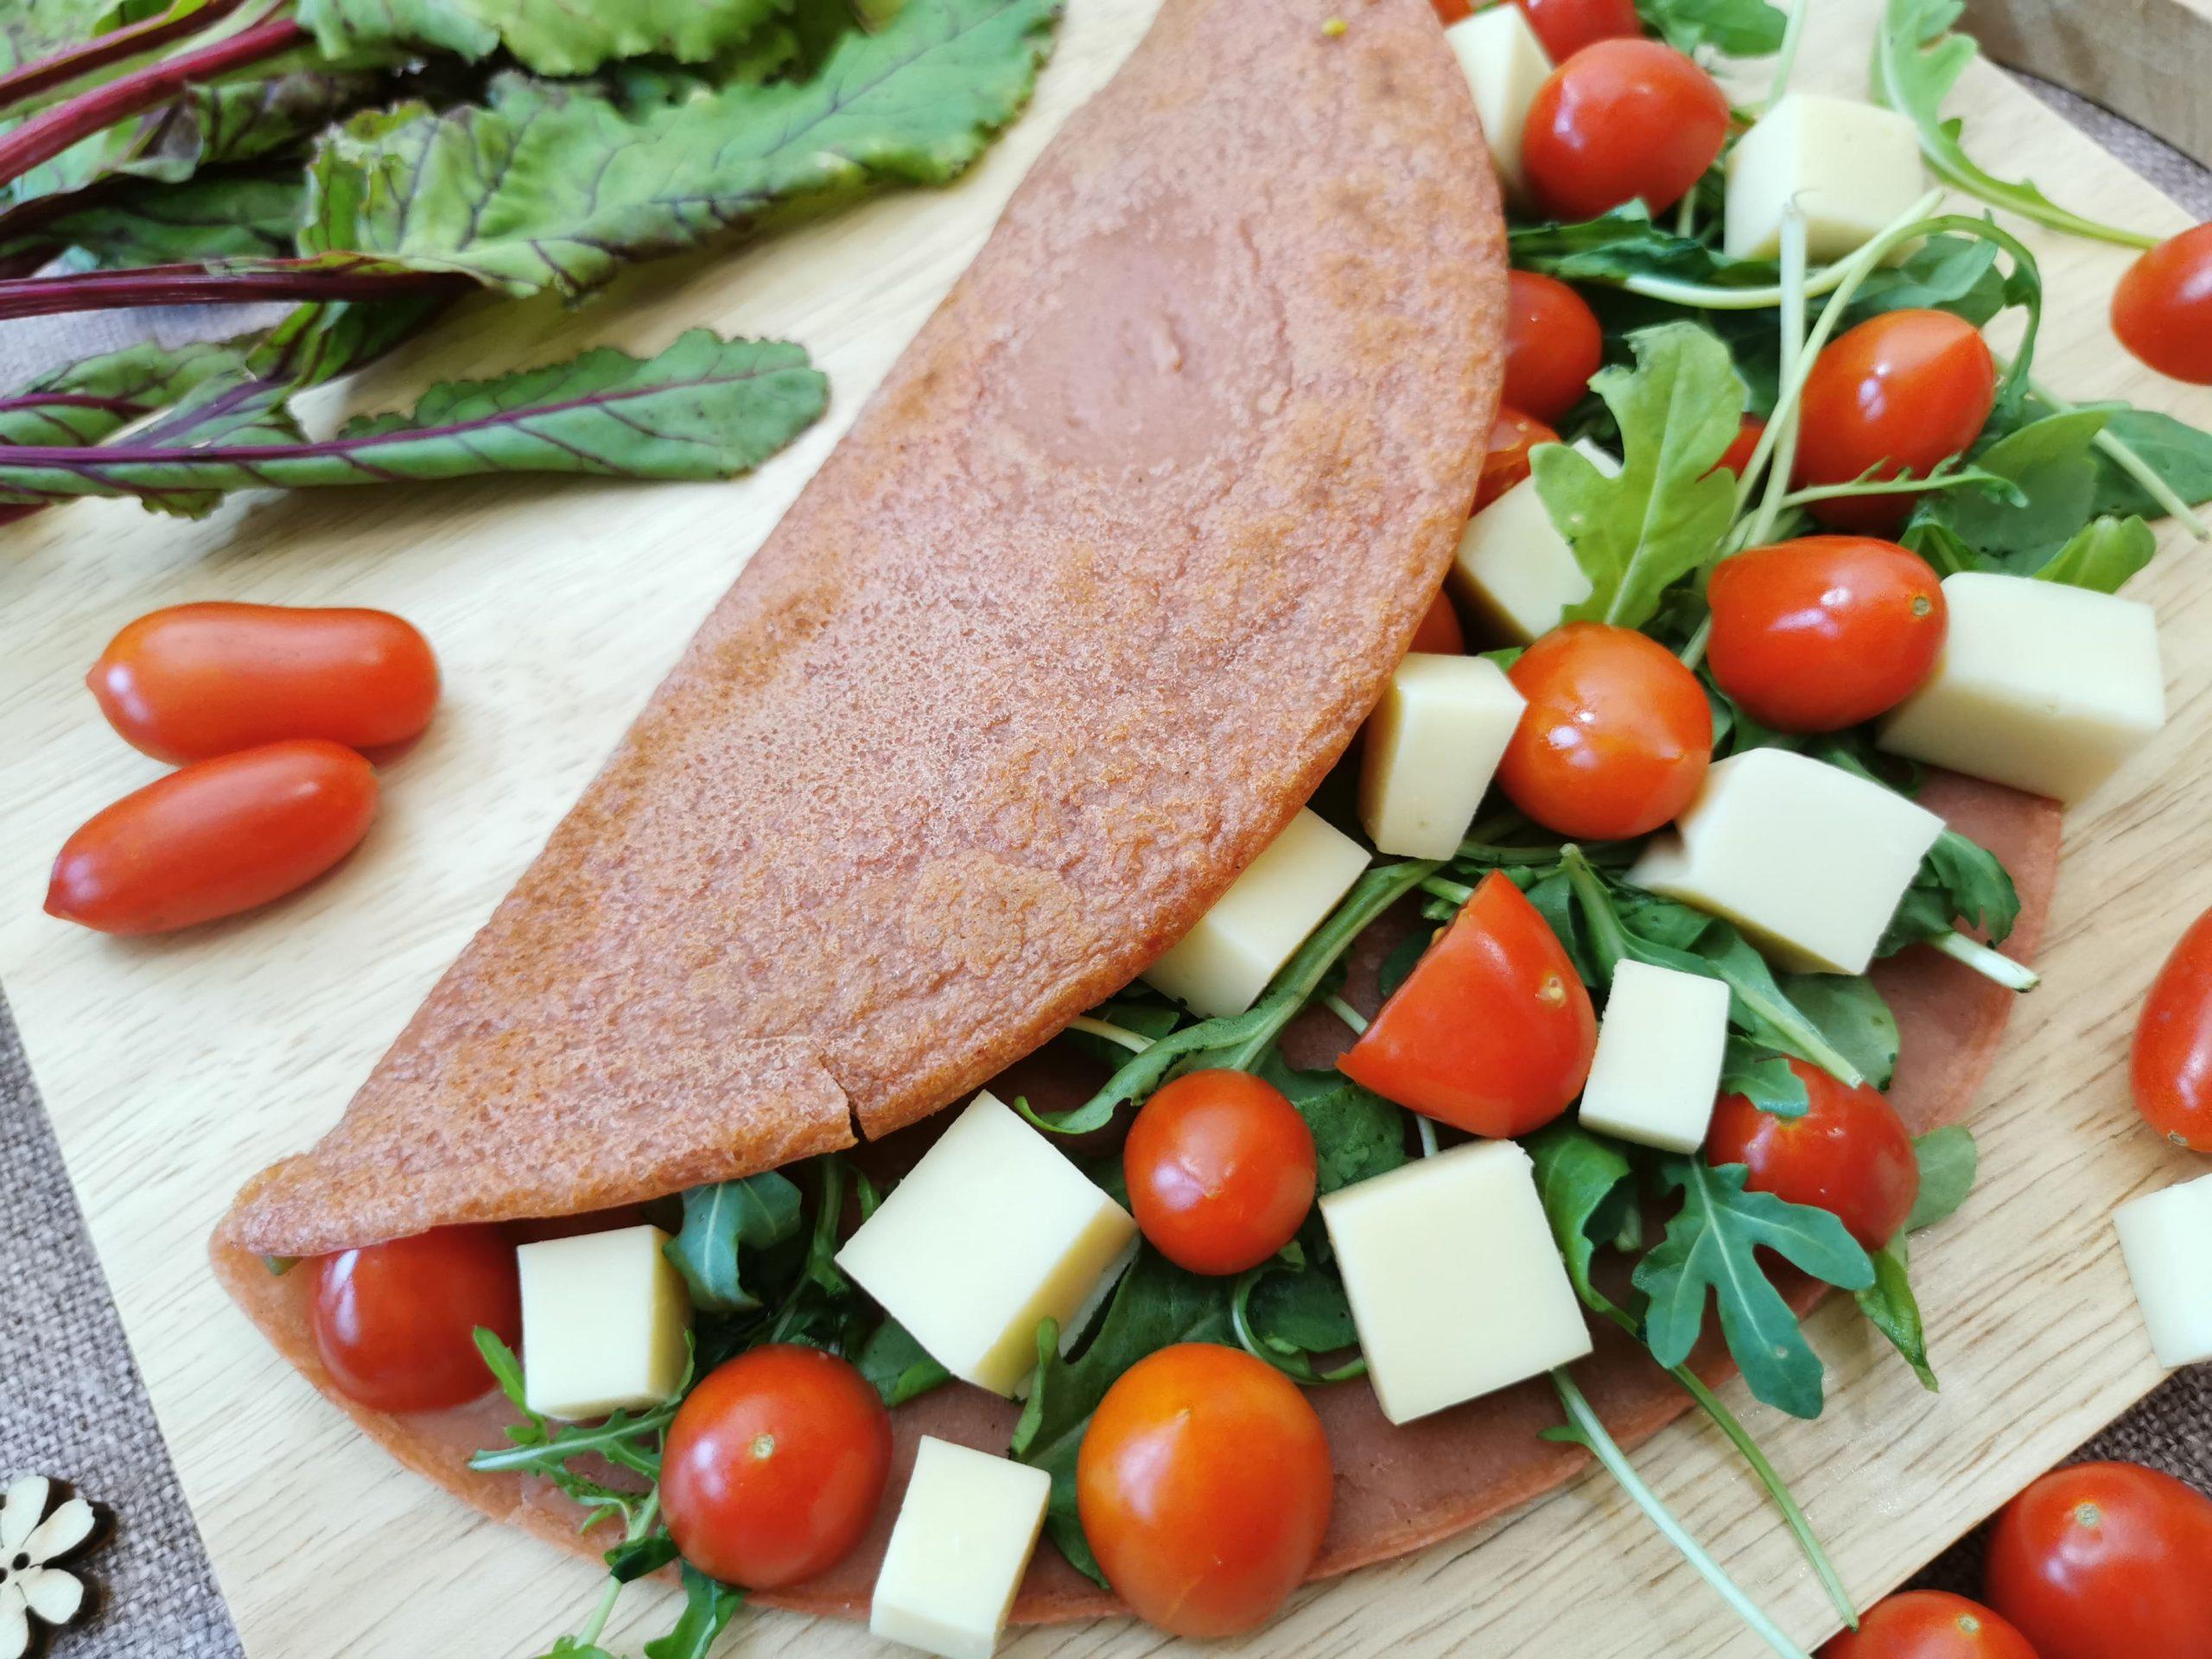 Crêpe rossa alla barbabietola vegan con pomodorini e rucola | merenda sana